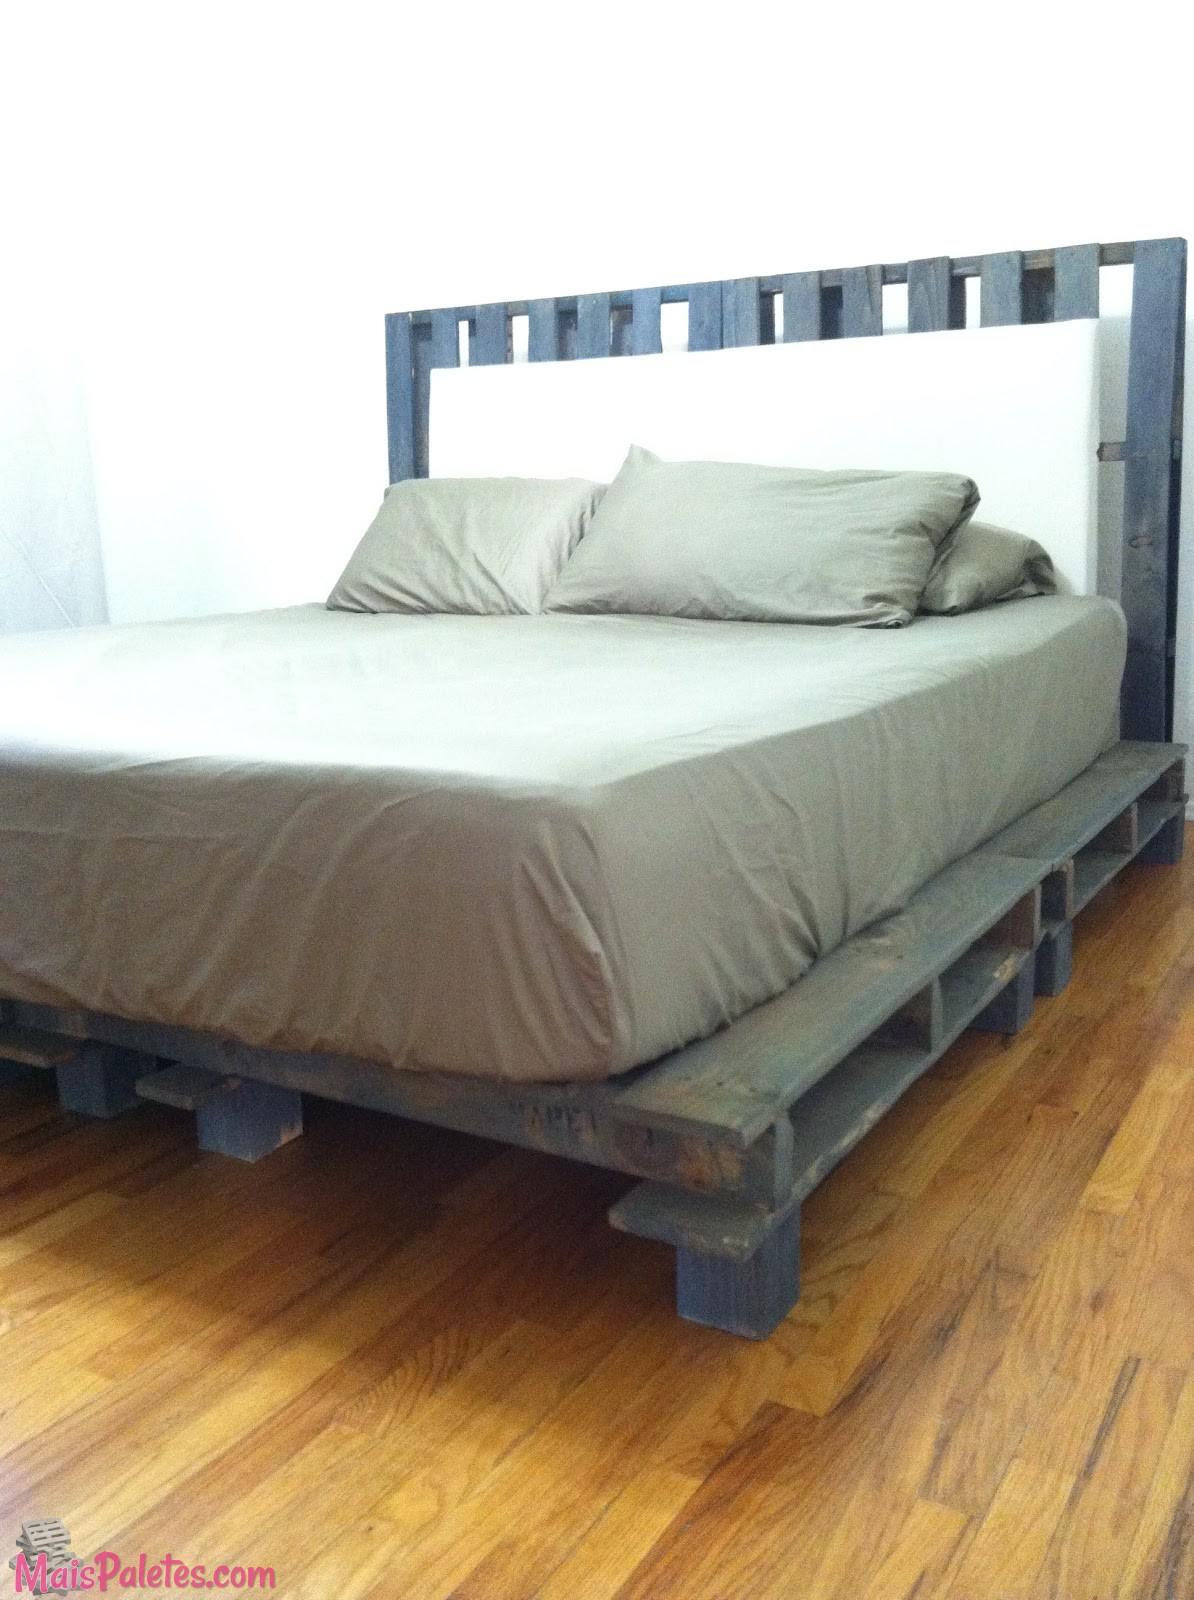 12 camas e as suas cabeceiras todas feitas com paletes de for How to make a futon frame out of pallets